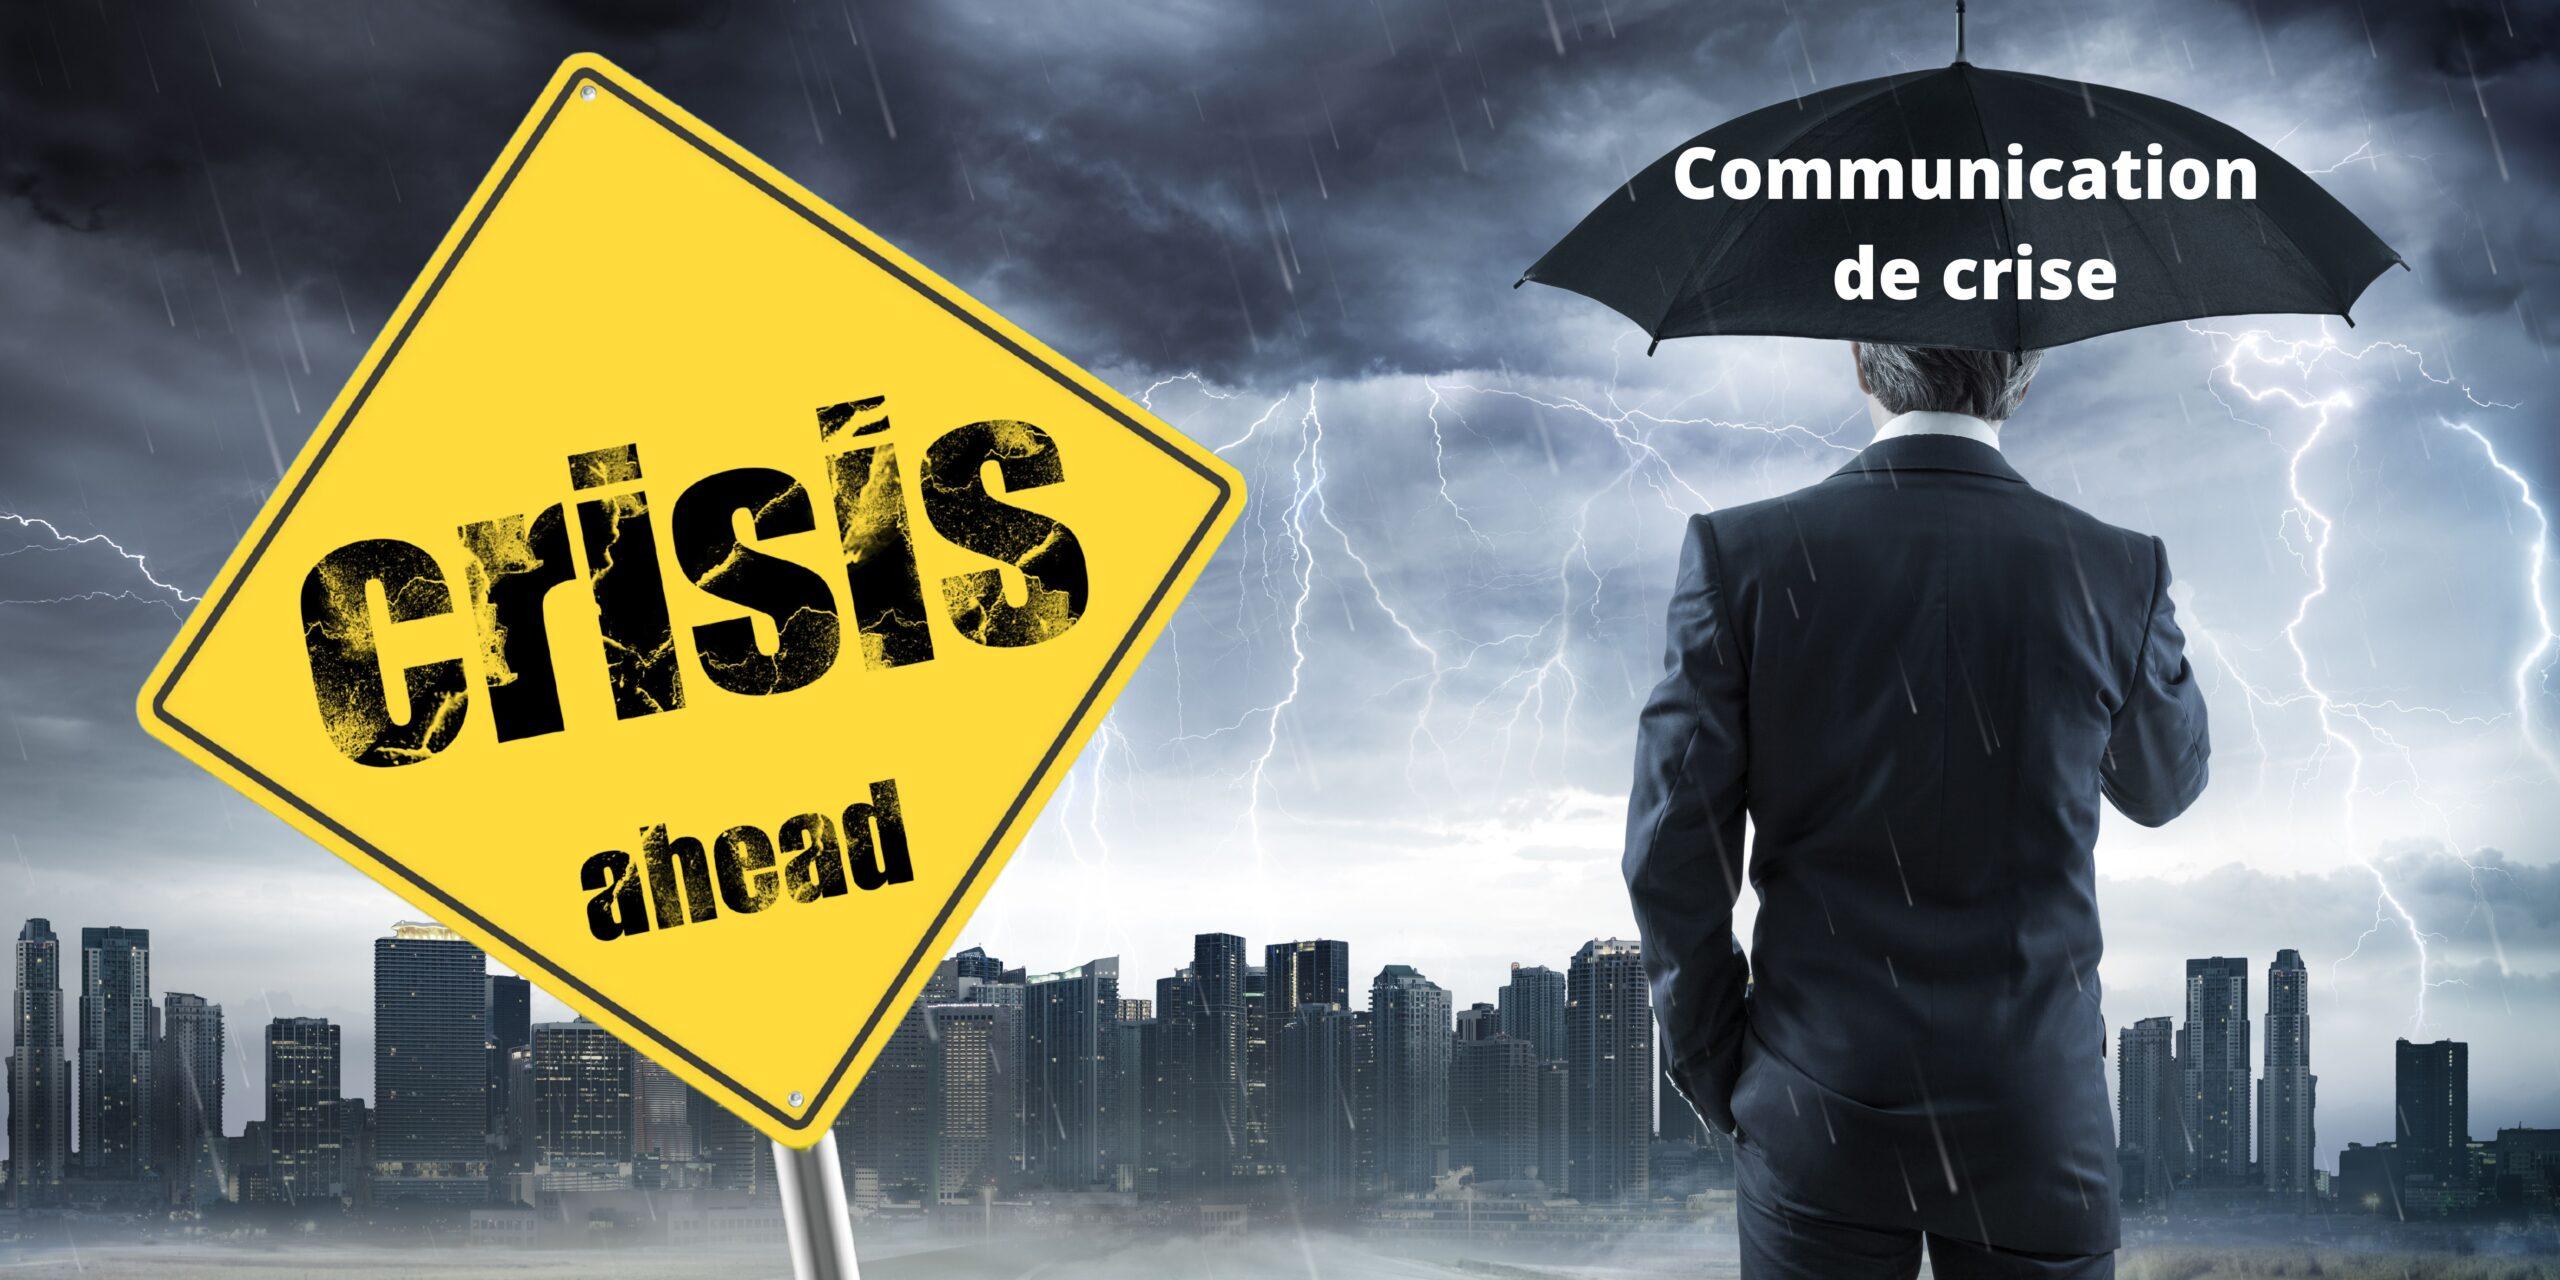 Crise en entreprise : quelle stratégie de communication adopter ?